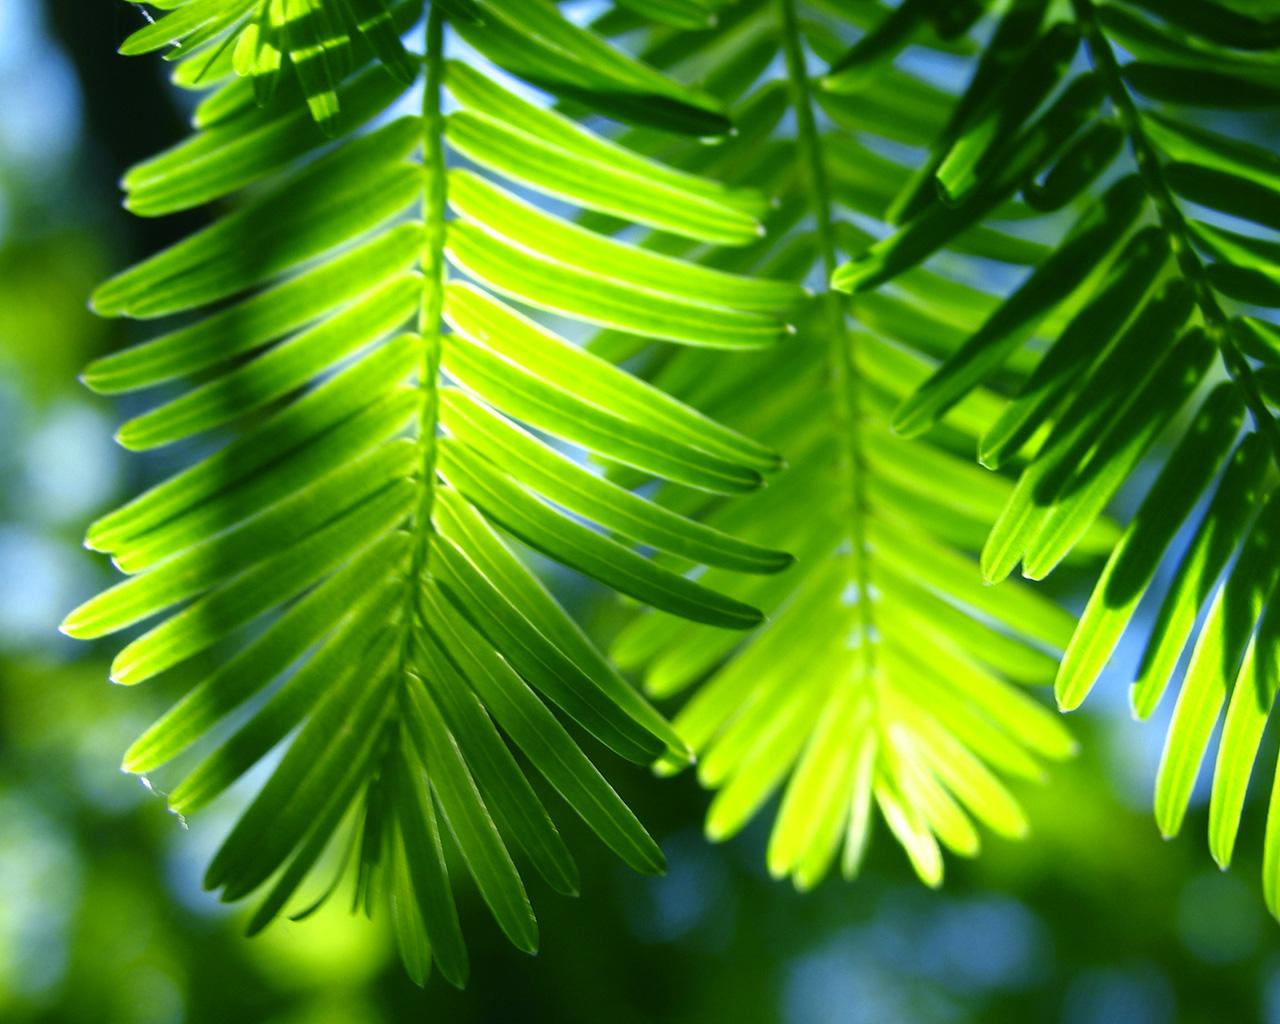 http://1.bp.blogspot.com/-SzrMNc_3D4M/Td-_WLJsNgI/AAAAAAAAAMw/QVxr0bo4Wno/s1600/nature-Wallpaper-free-download.jpg